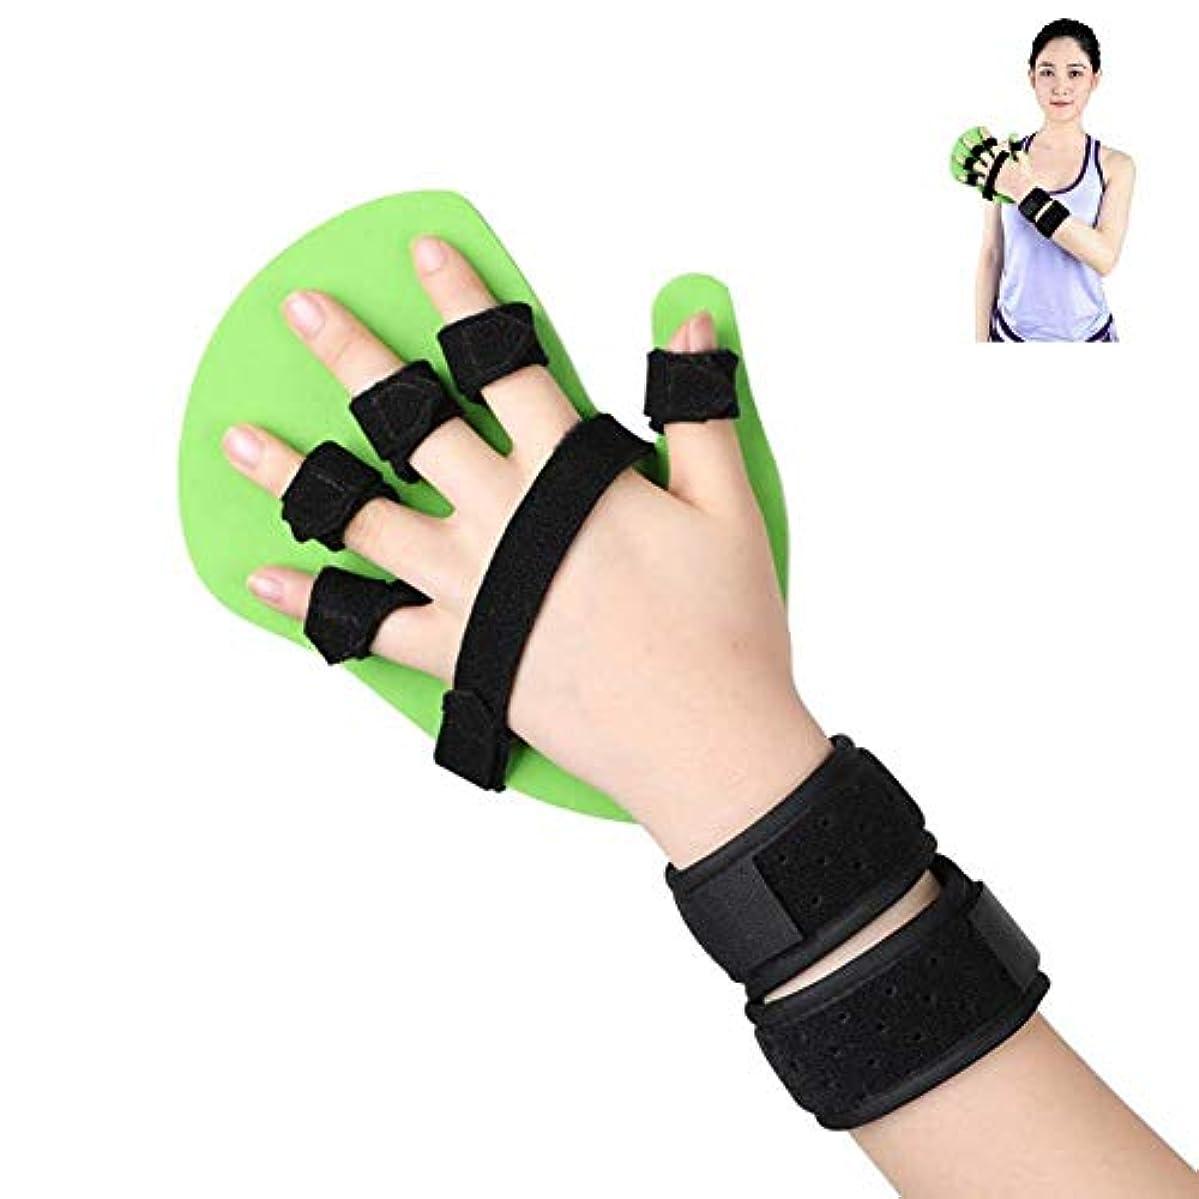 否認するアルバム同志指の損傷のサポート、指の延長スプリントセパレーター装具は、最適な指の機器トレーニング機器をサポートします,RightHand-L